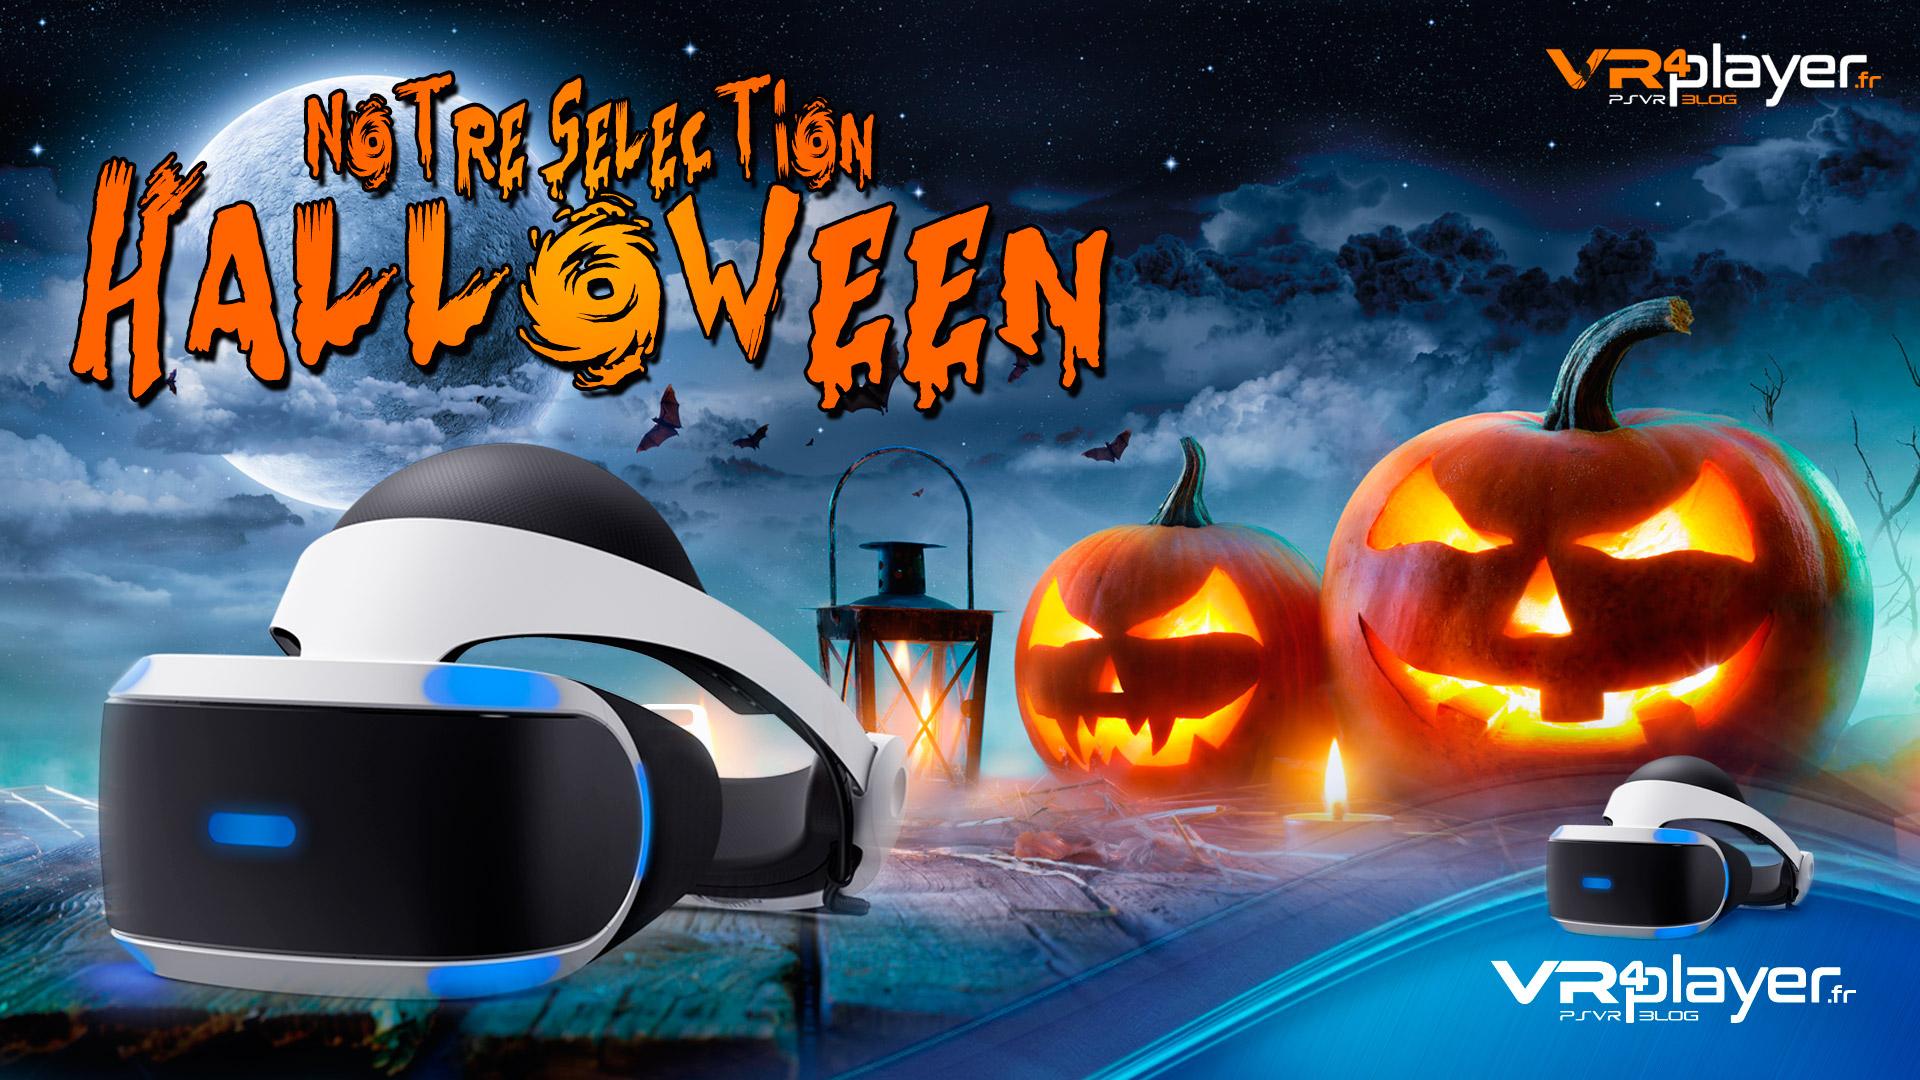 Playstation vr notre s lection des jeux d horreur pour halloween le blog de vr4player - Jeux d oreure ...